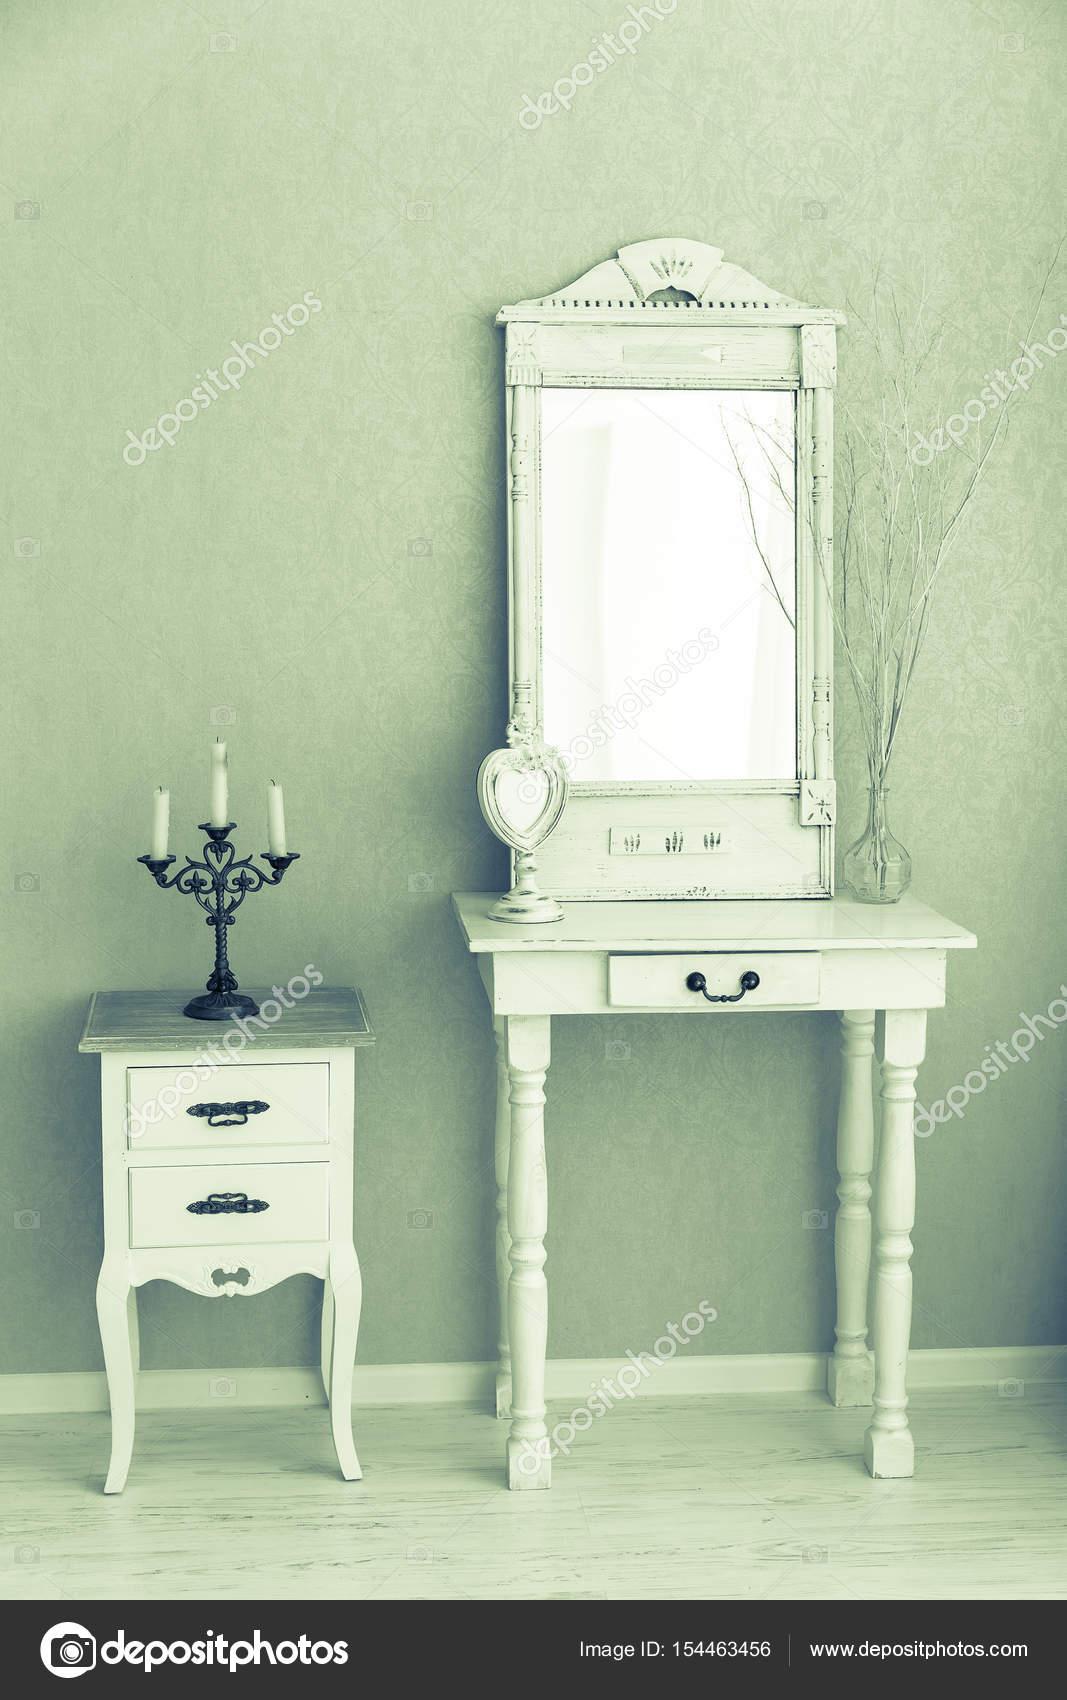 Oude Kaptafel Te Koop.Een Oude Retro Witte Kaptafel Glazen Spiegel Stockfoto C Lenblr